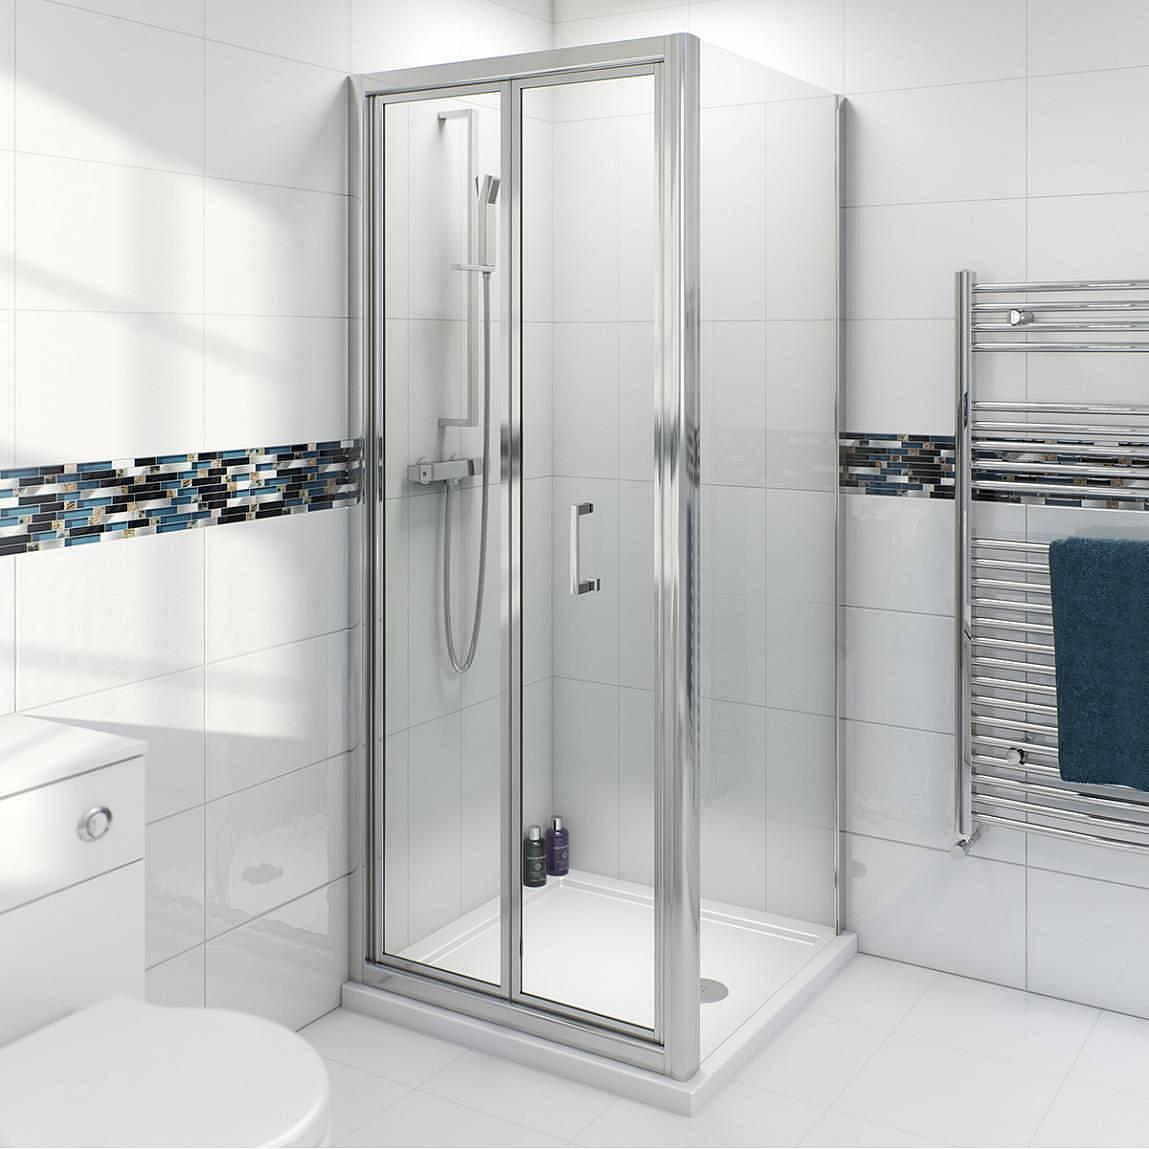 Image of V6 Bifold Enclosure 800 x 760